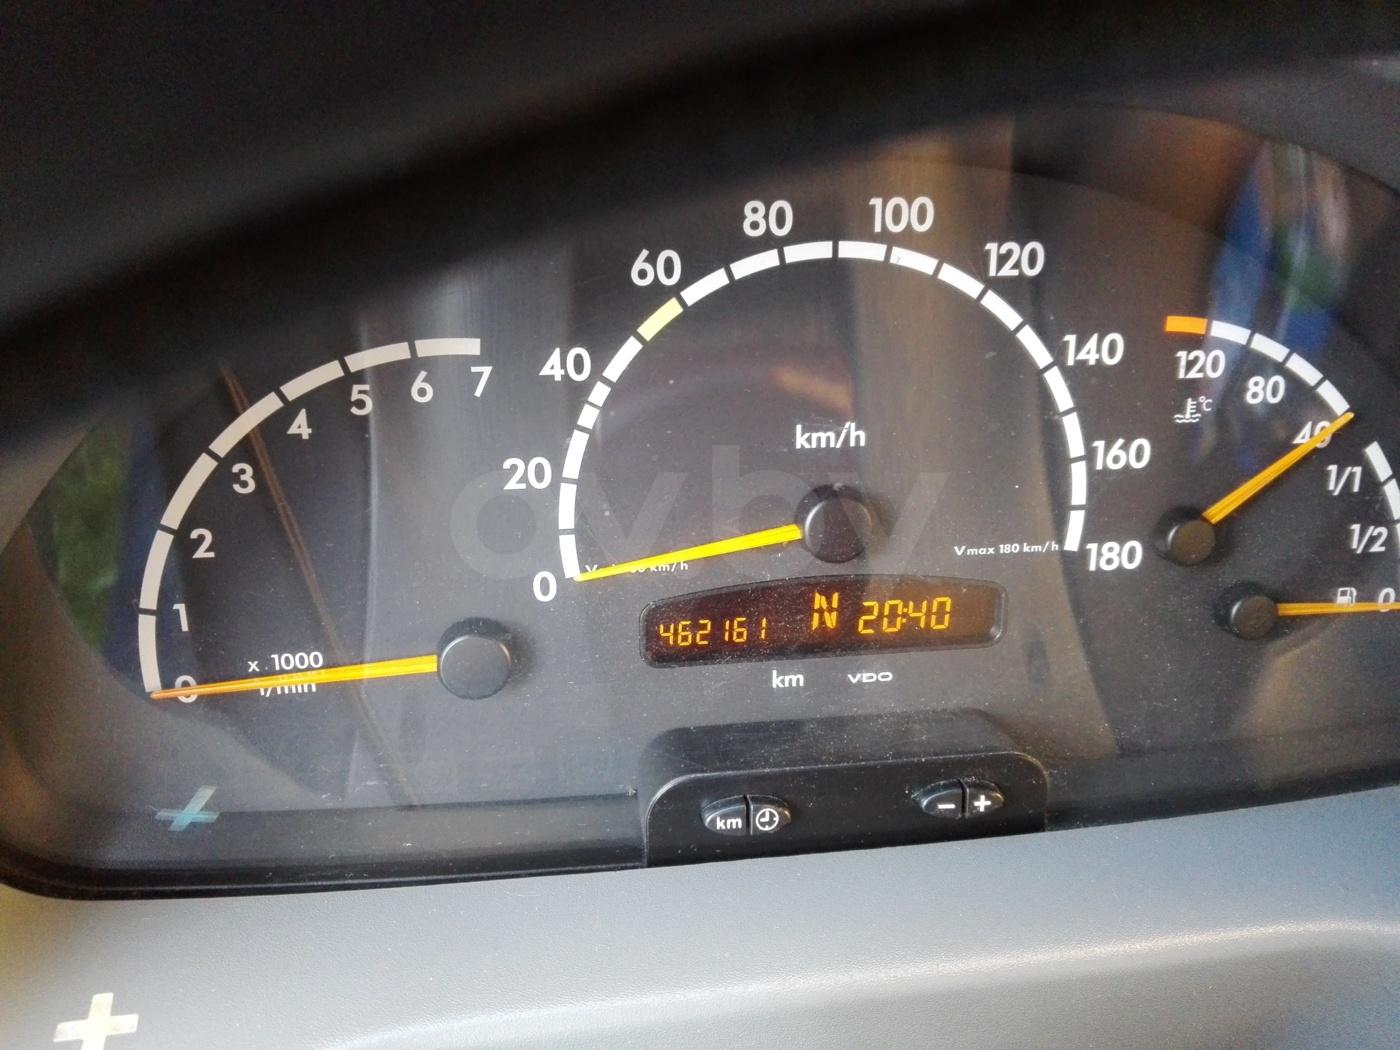 Mercedes-Benz Sprinter 211 CDI, 2001 г.